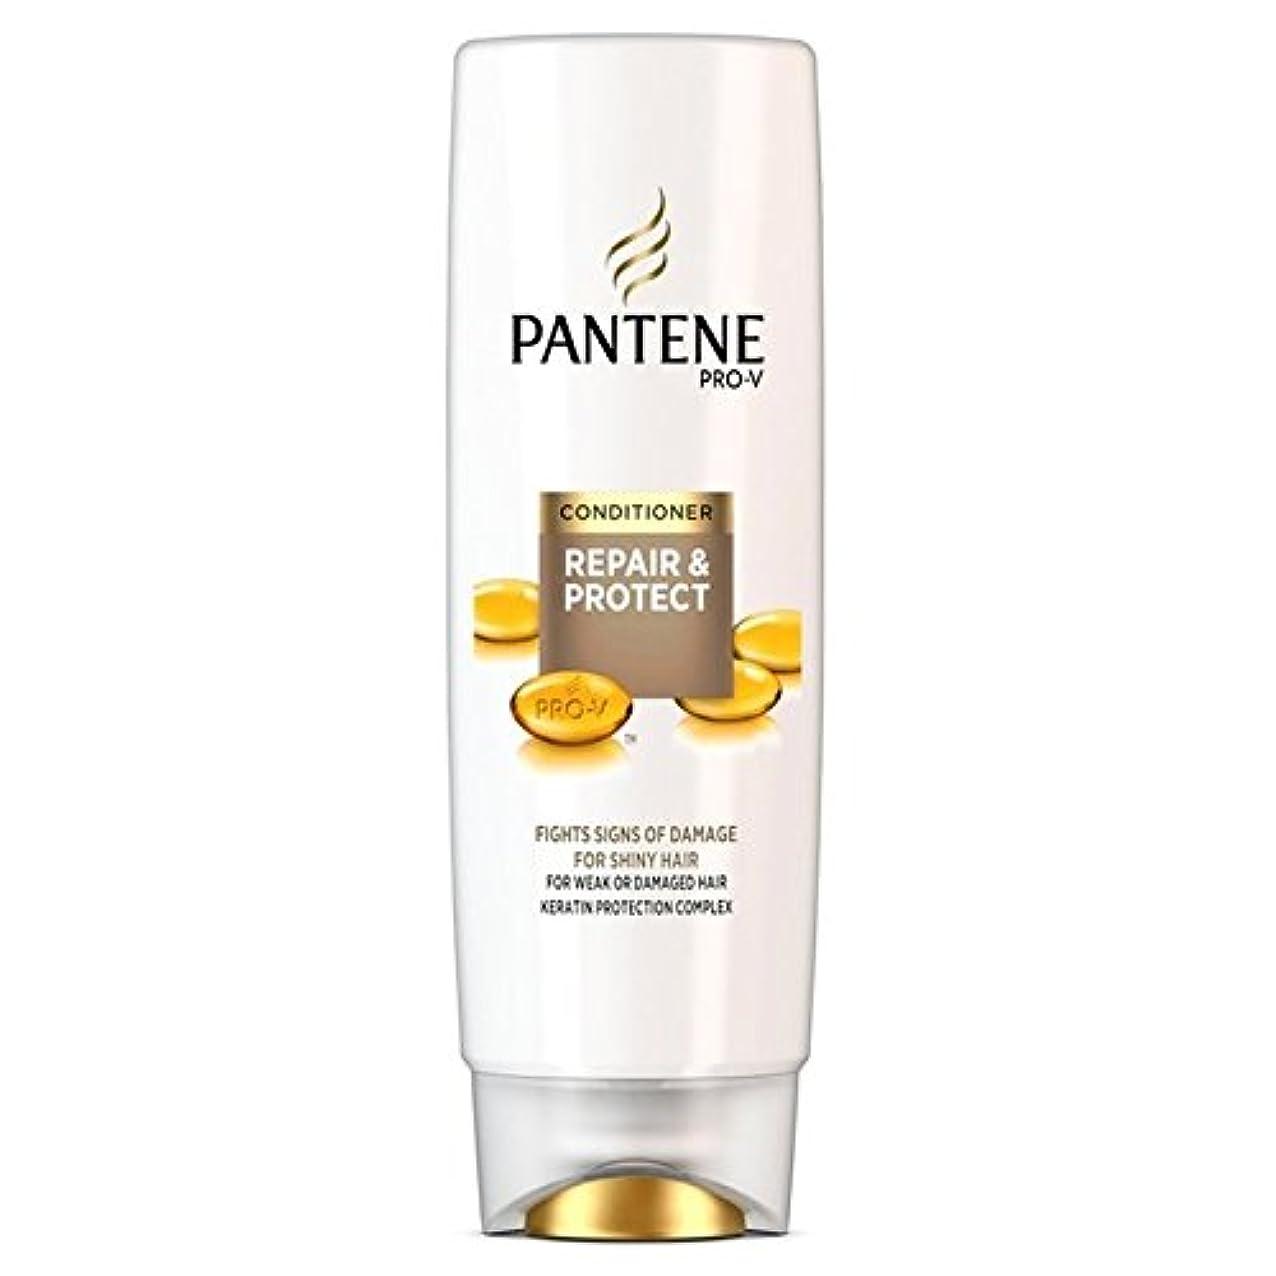 のホスト寮等Pantene Conditioner Repair & Protect For Weak Or Damaged Hair 250ml - パンテーンコンディショナーの修理&弱いか、傷んだ髪の250ミリリットルのための保護...